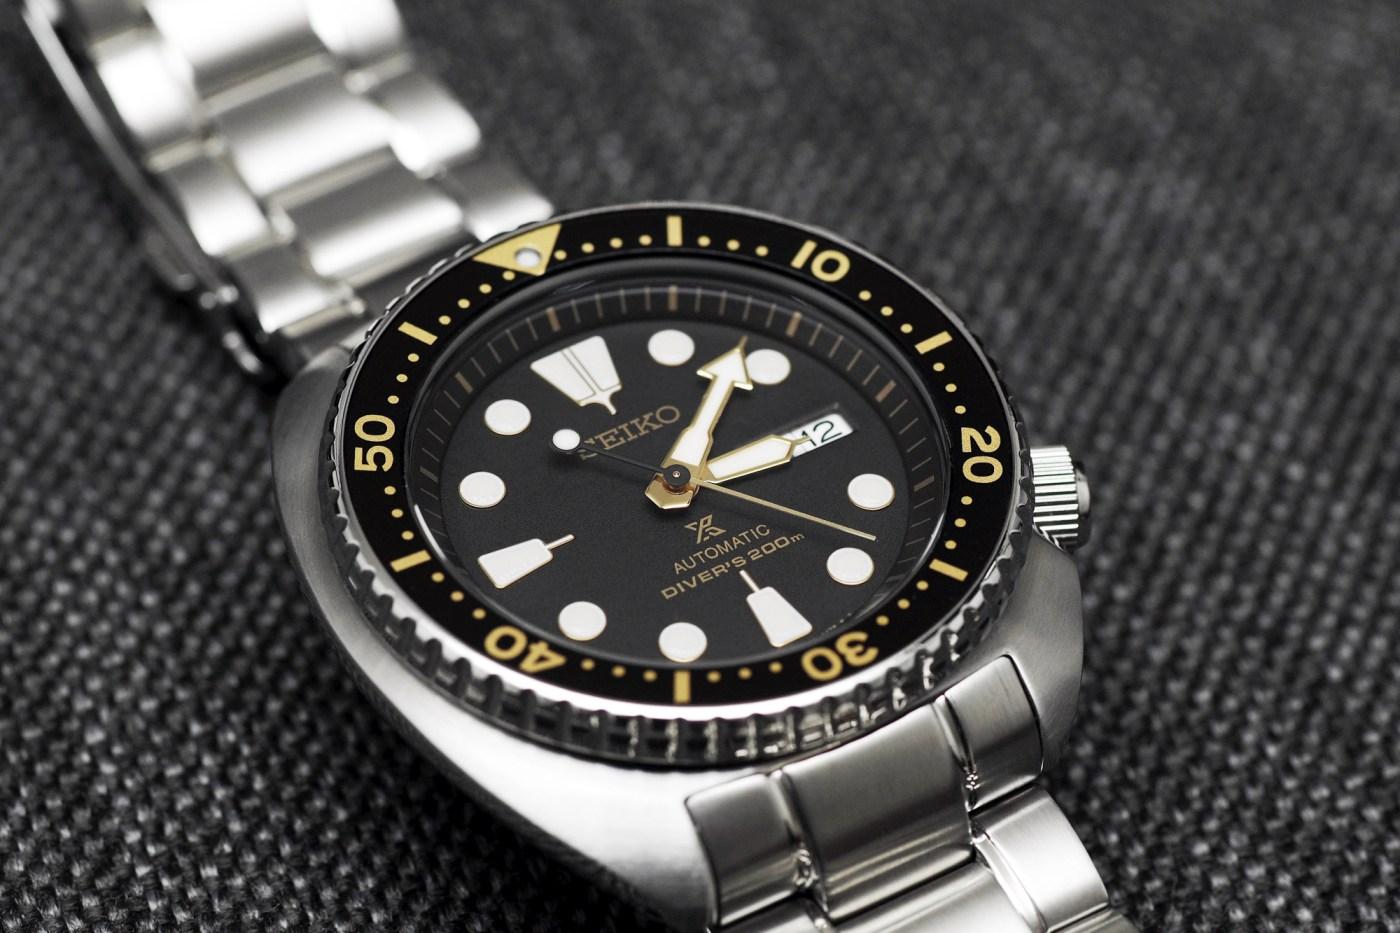 Seiko Prospex SRP775 Turtle